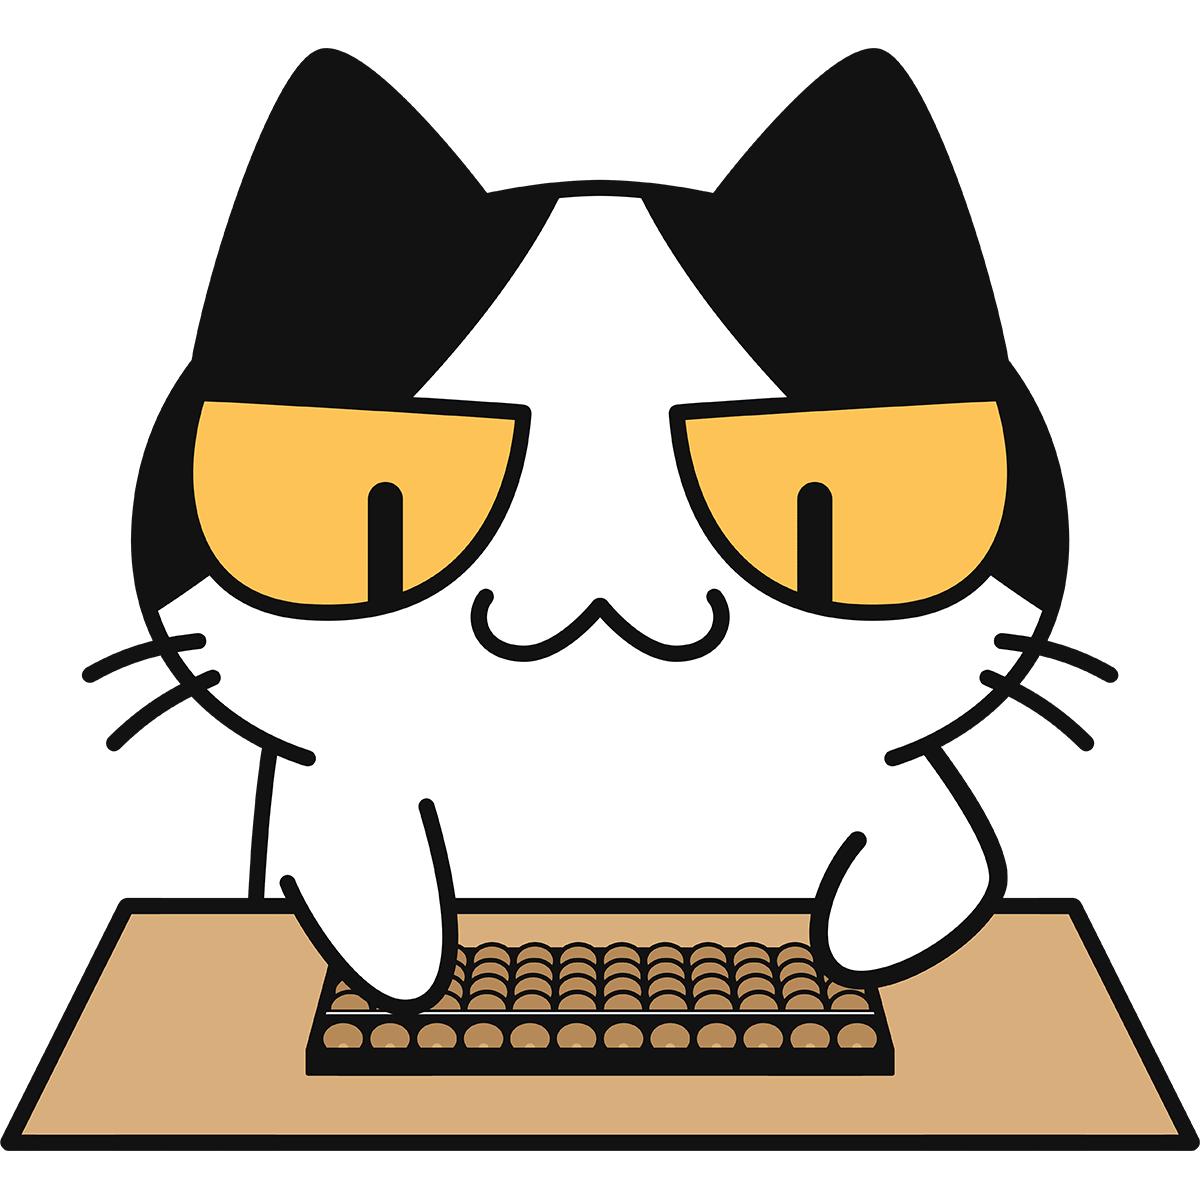 そろばんをする猫の無料イラスト